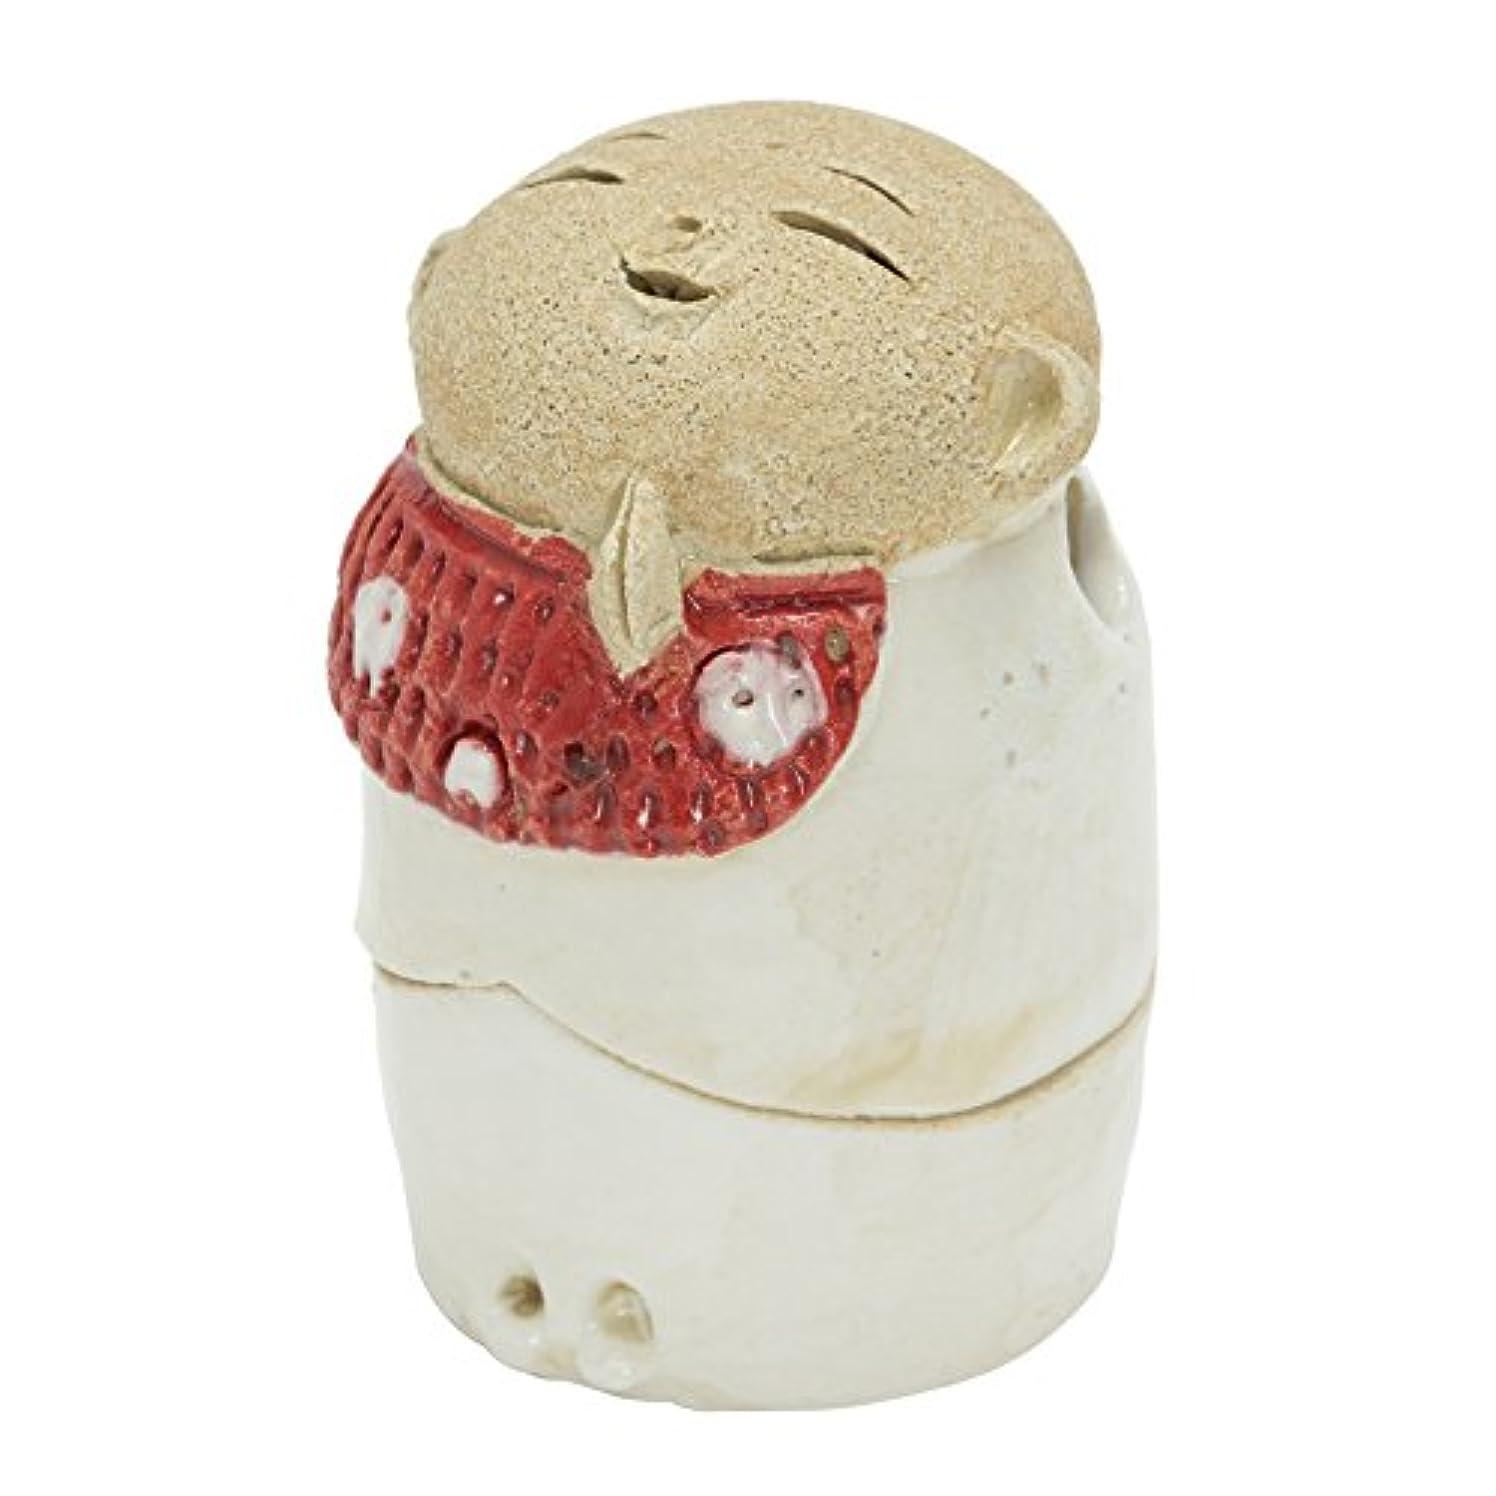 角度存在主観的お地蔵様 香炉シリーズ 前掛 お地蔵様 香炉 2.2寸(わらべ) [H6.5cm] HANDMADE プレゼント ギフト 和食器 かわいい インテリア